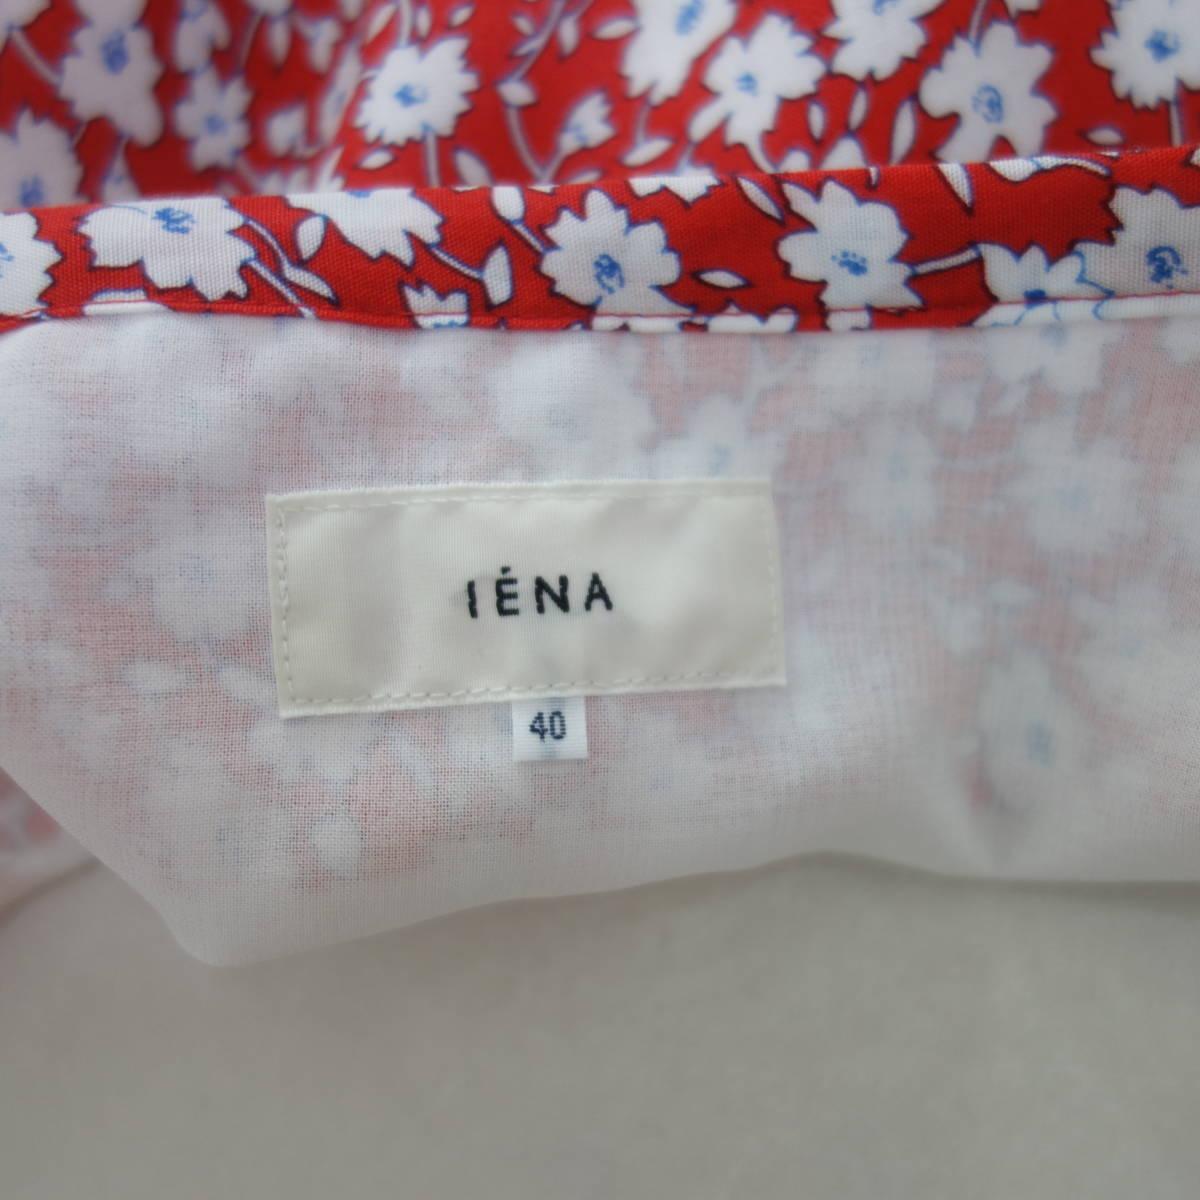 IENA レトロフラワー ラップスカート 40 レッド イエナ_画像4